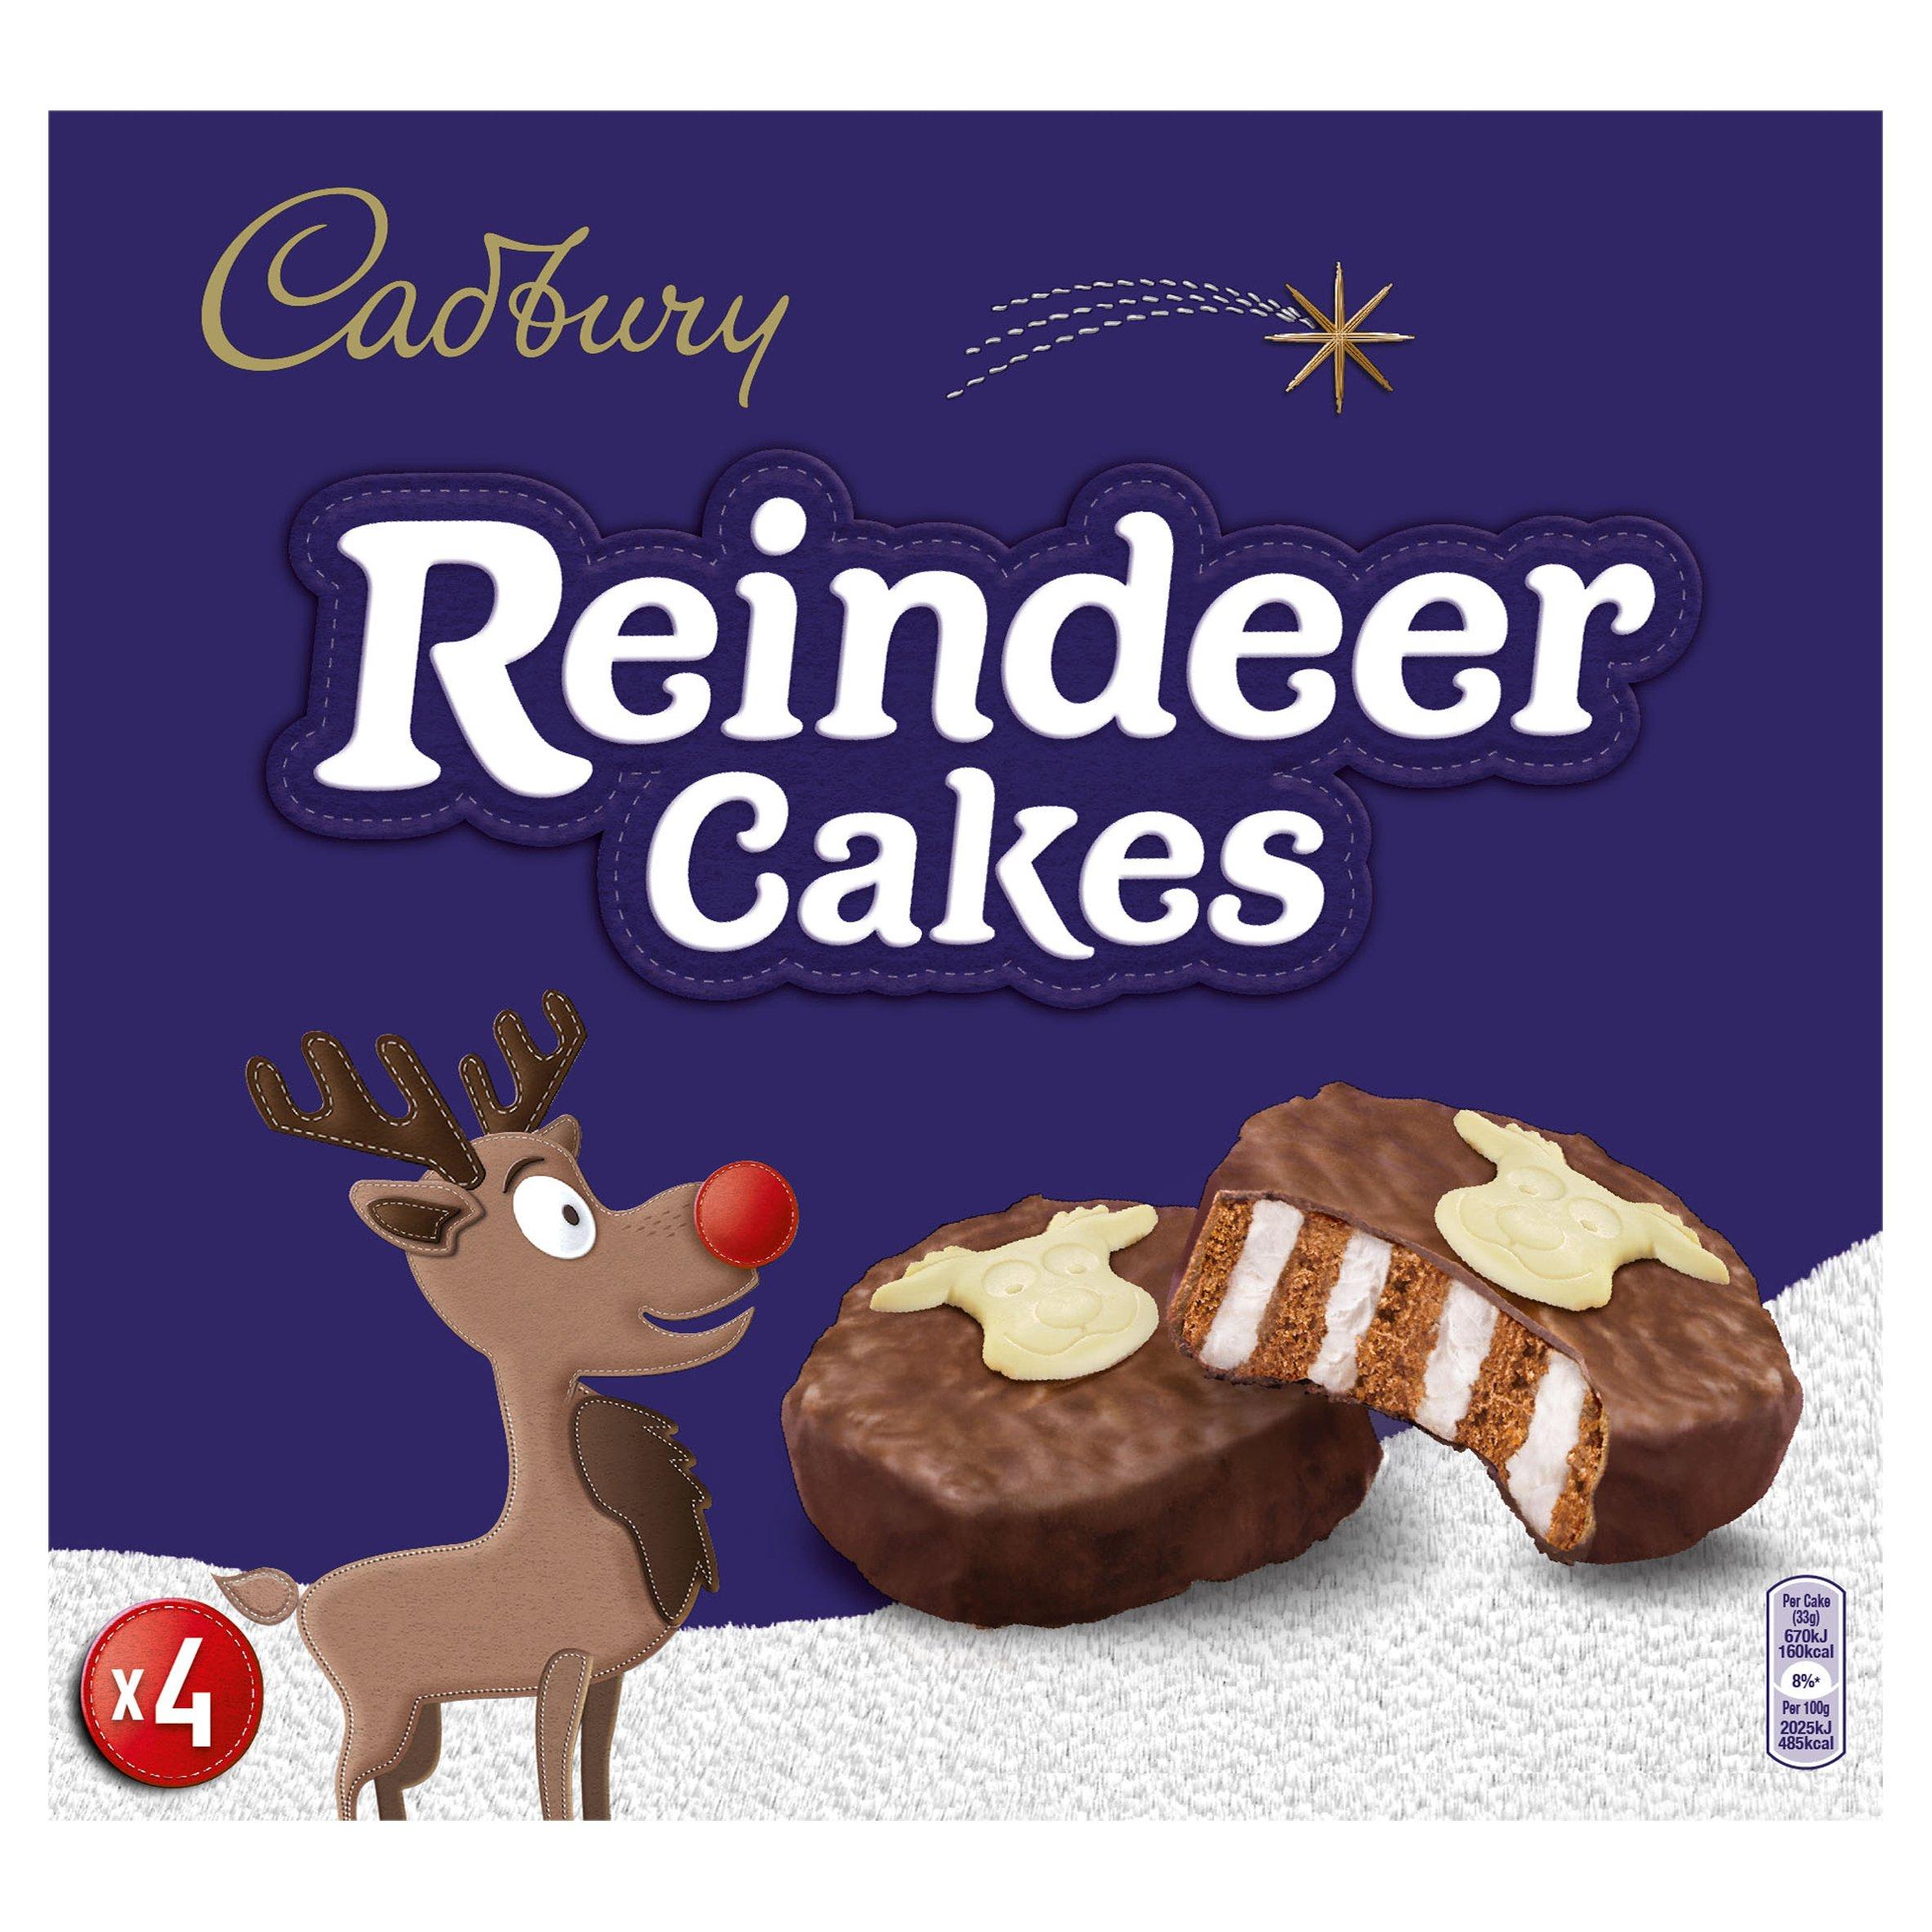 Cadbury Reindeer Cakes 4 Pack